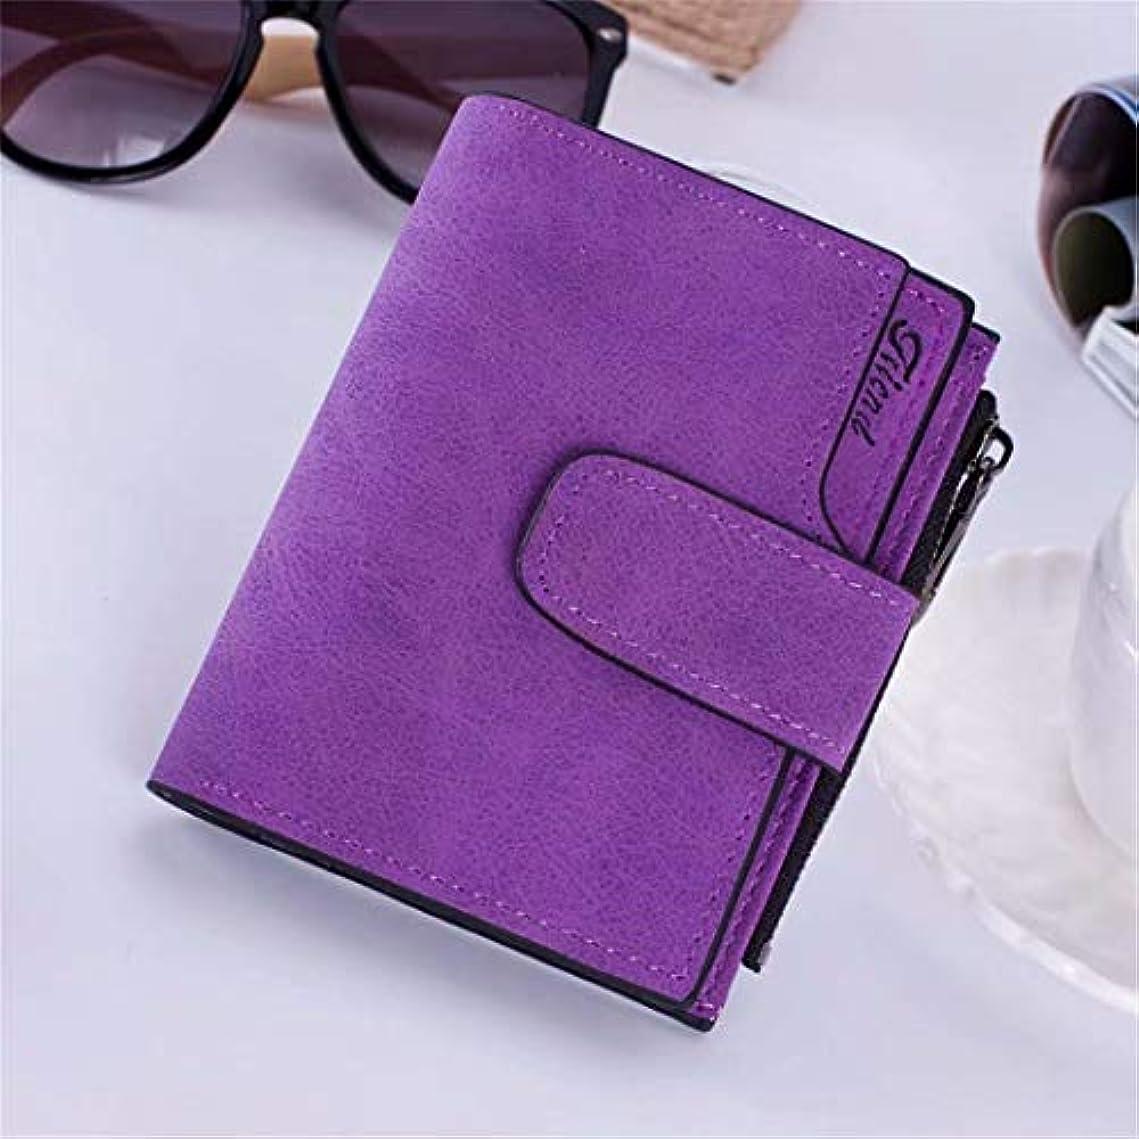 領事館リスナー複製する七里の香 レディース 可愛い 折りたたみ財布 二つ折り財布 シングルジッパー ウォレット